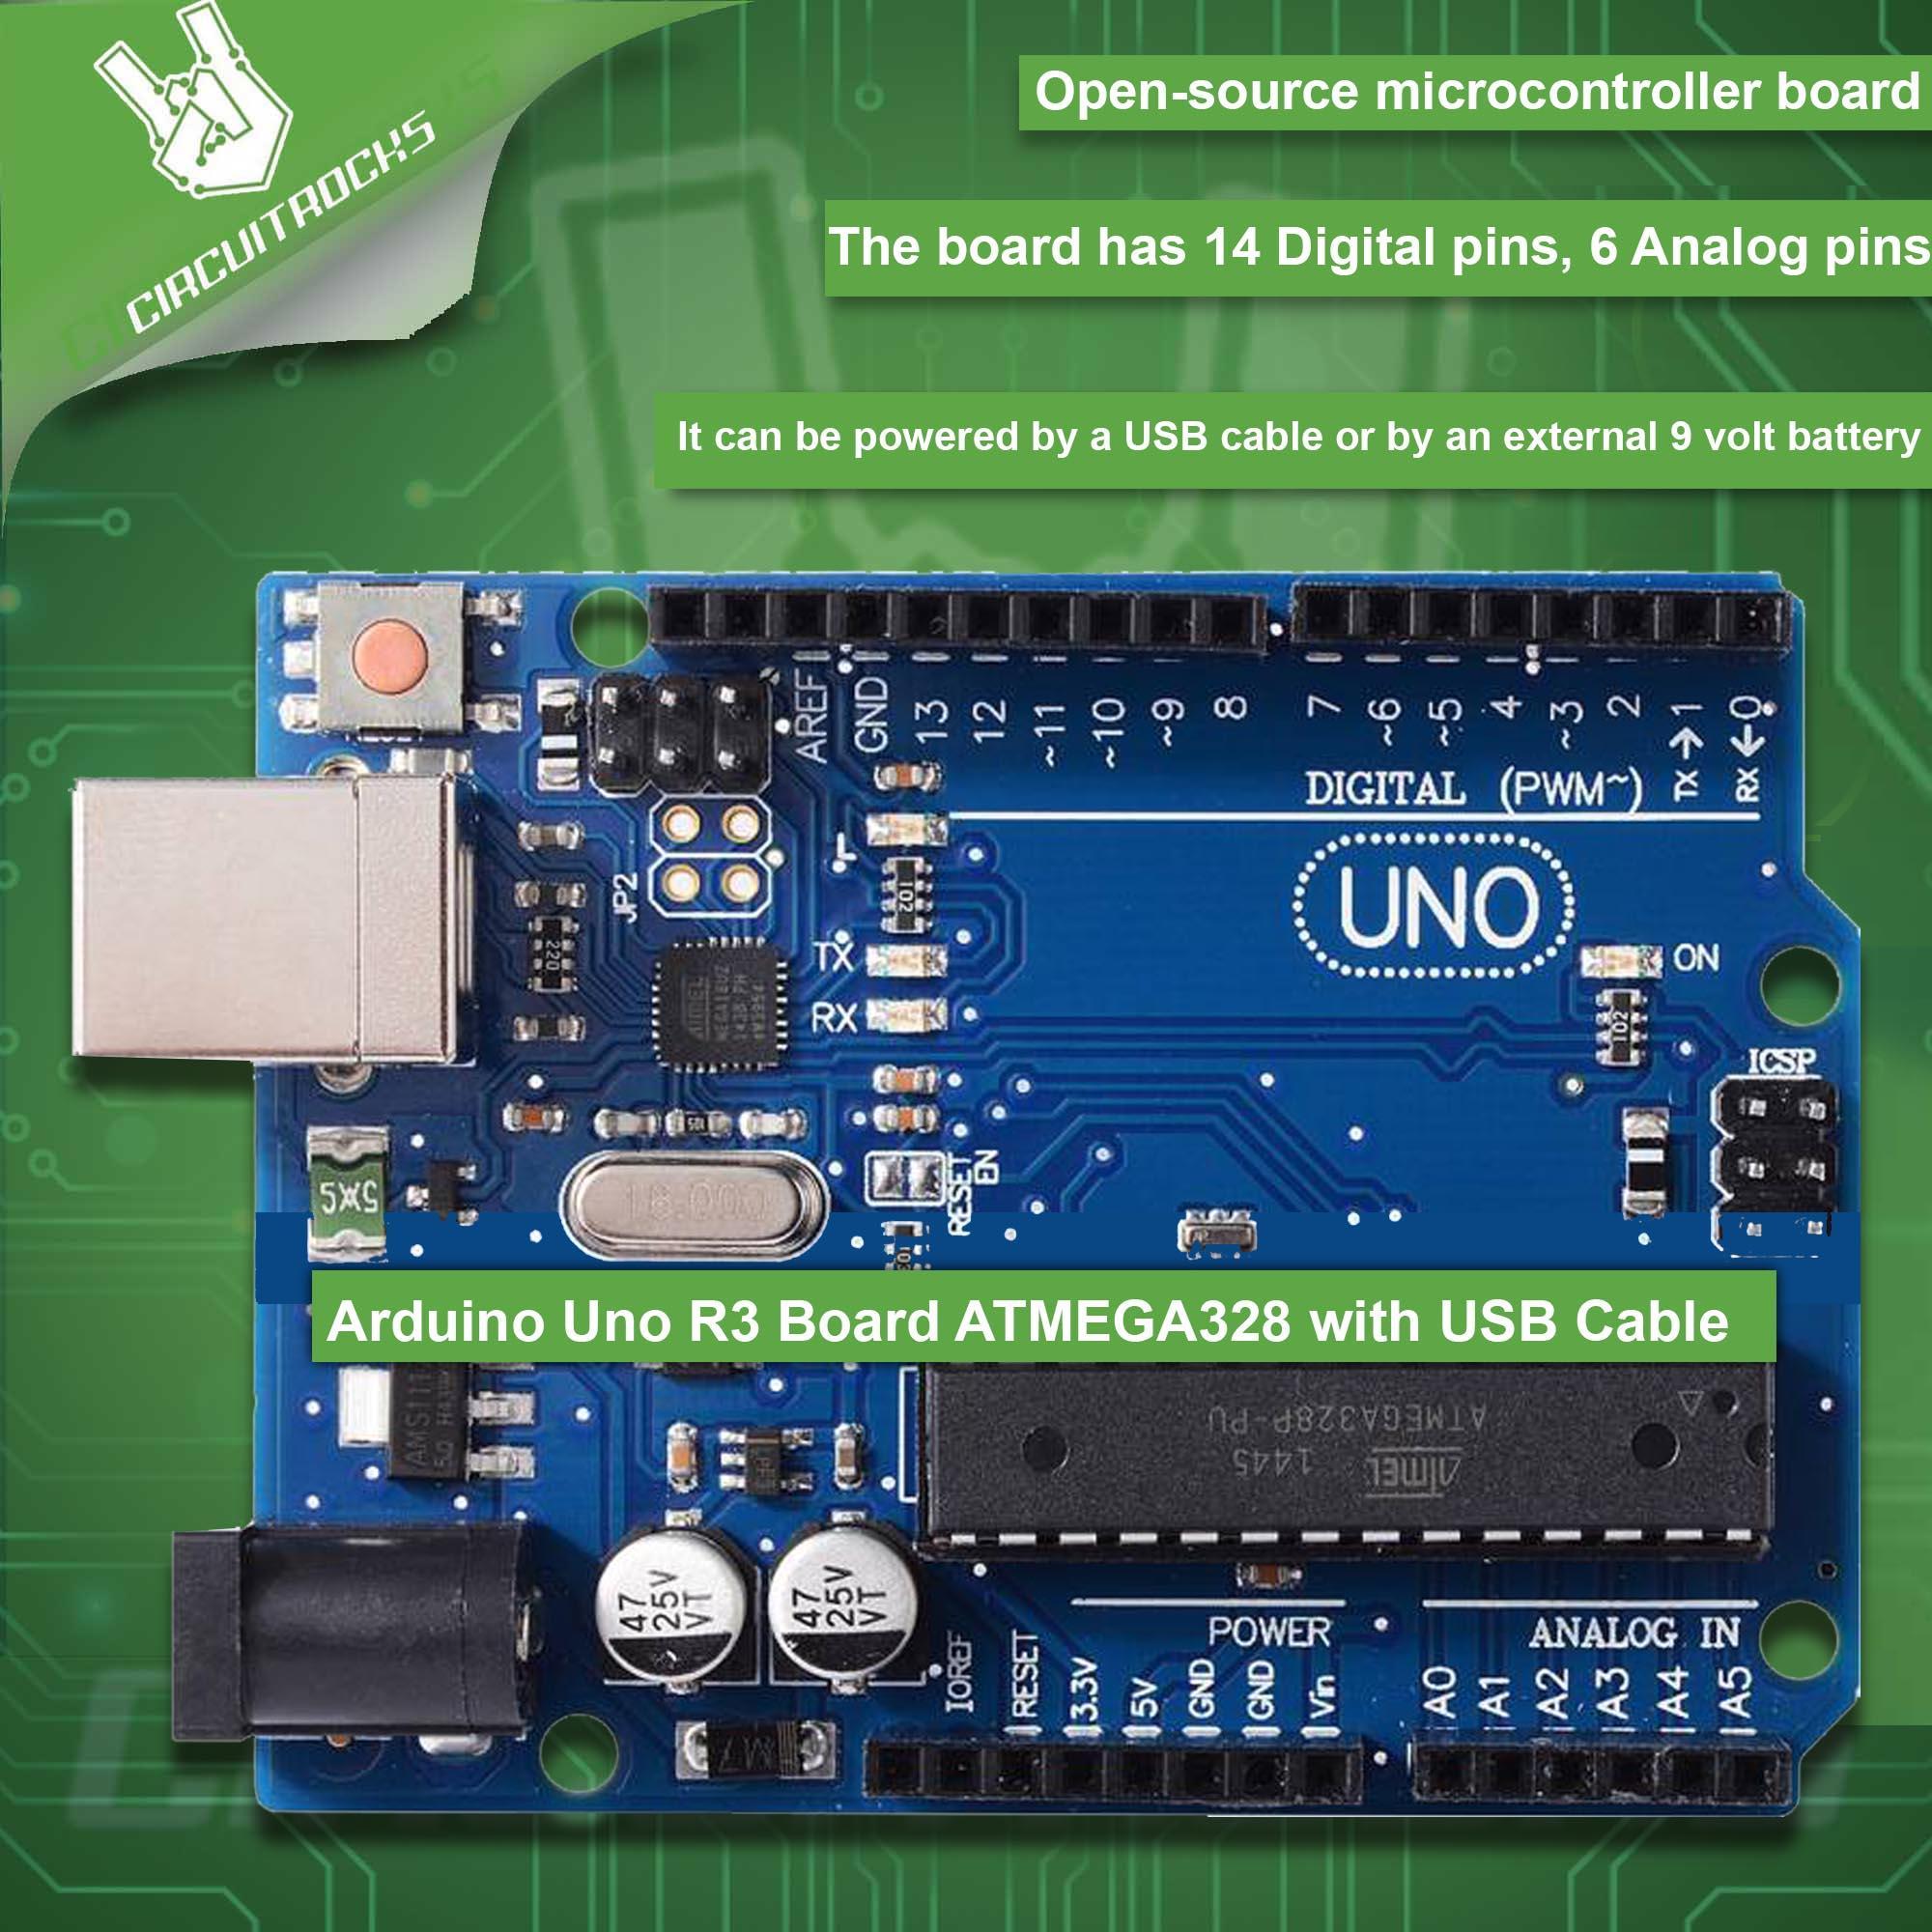 Arduino Uno R3 Board ATMEGA328 with USB Cable